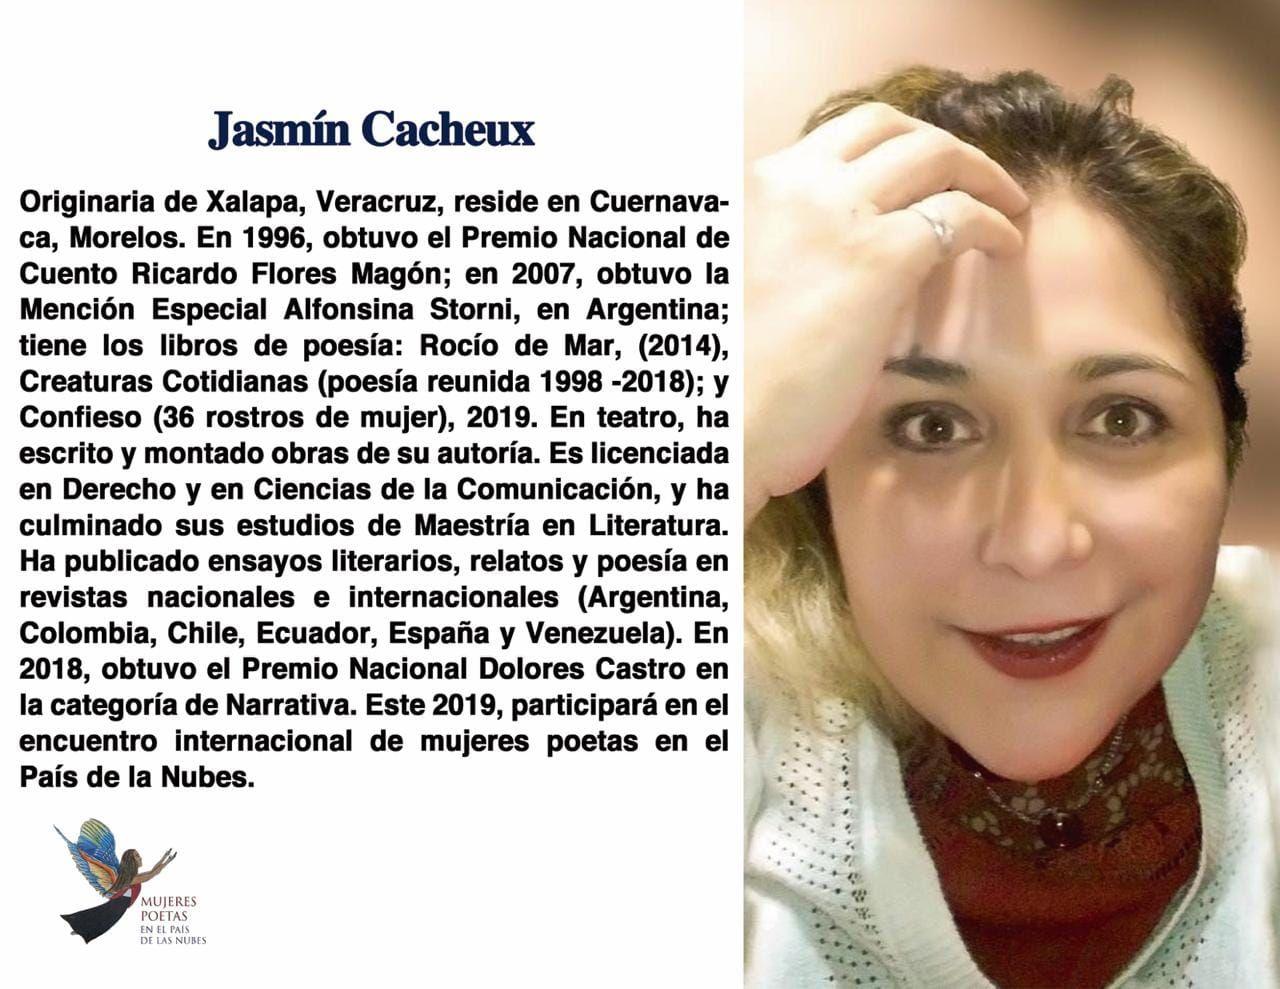 59 mejores imágenes de Chihuahua Arde Editoras en 2020 | Chihuahua ...